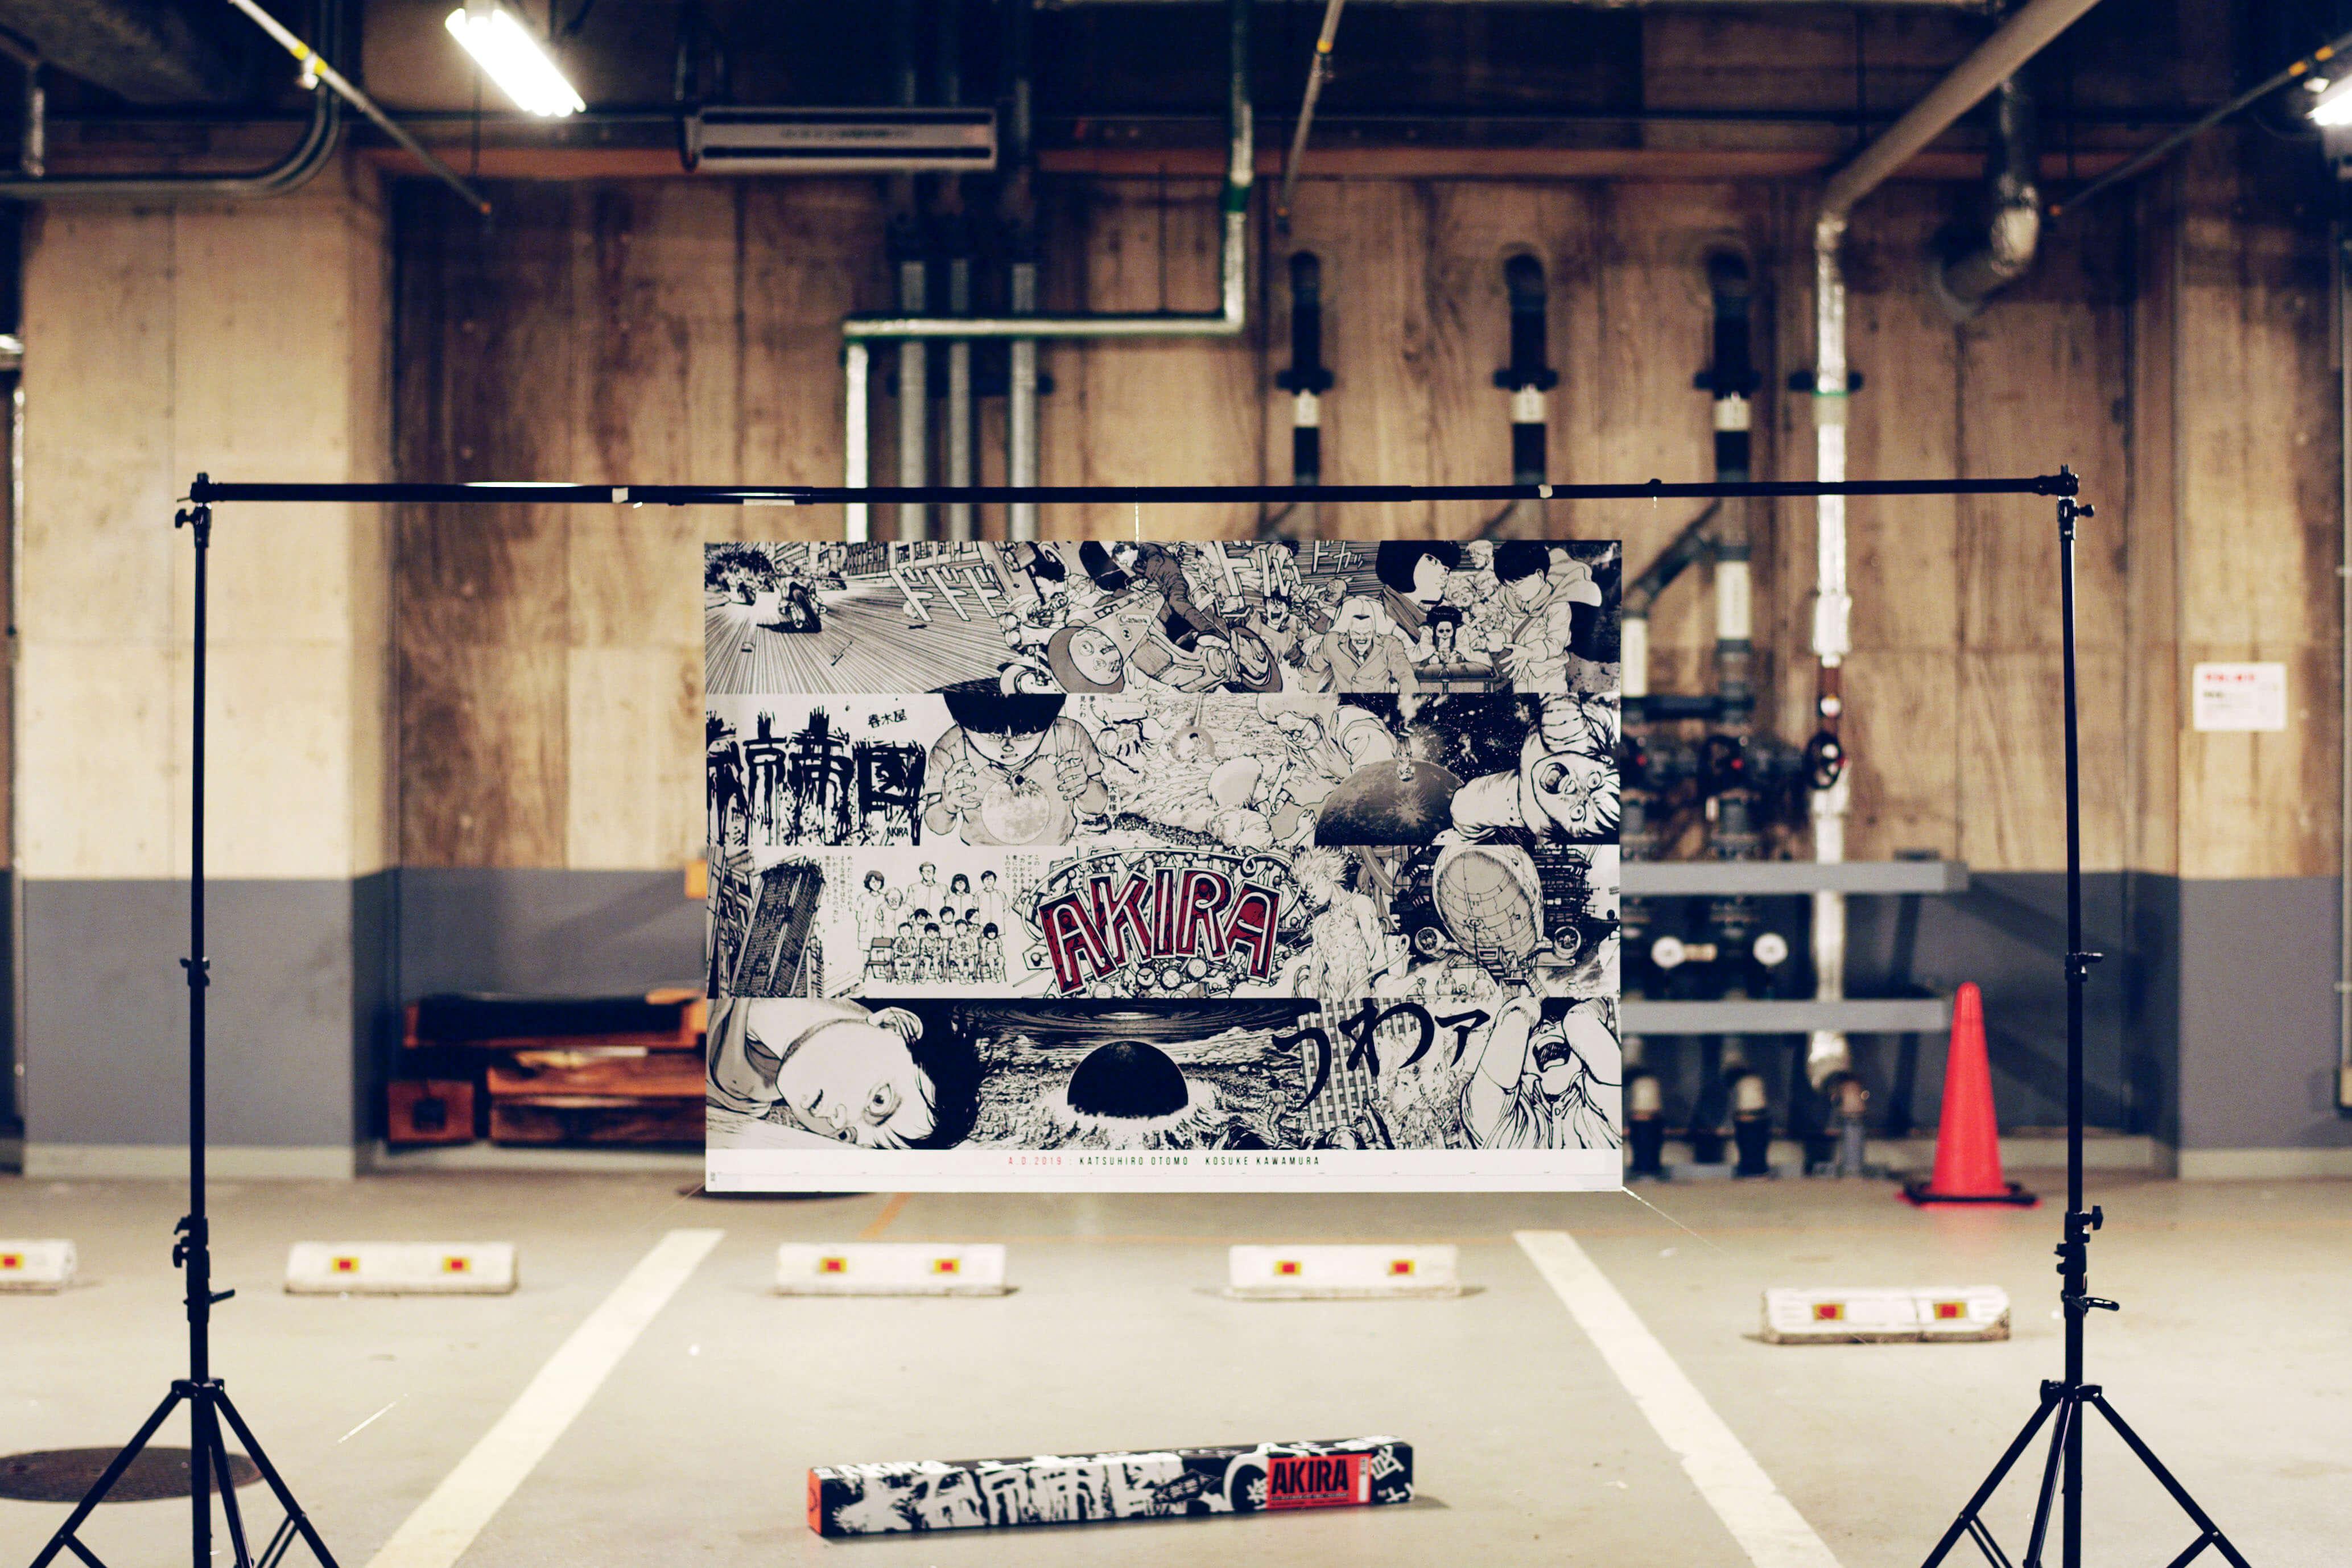 2019「阿基拉」(AKIRA)舞台記念日曆、東京・紐約限定販售 澀谷、藝術、阿基拉、